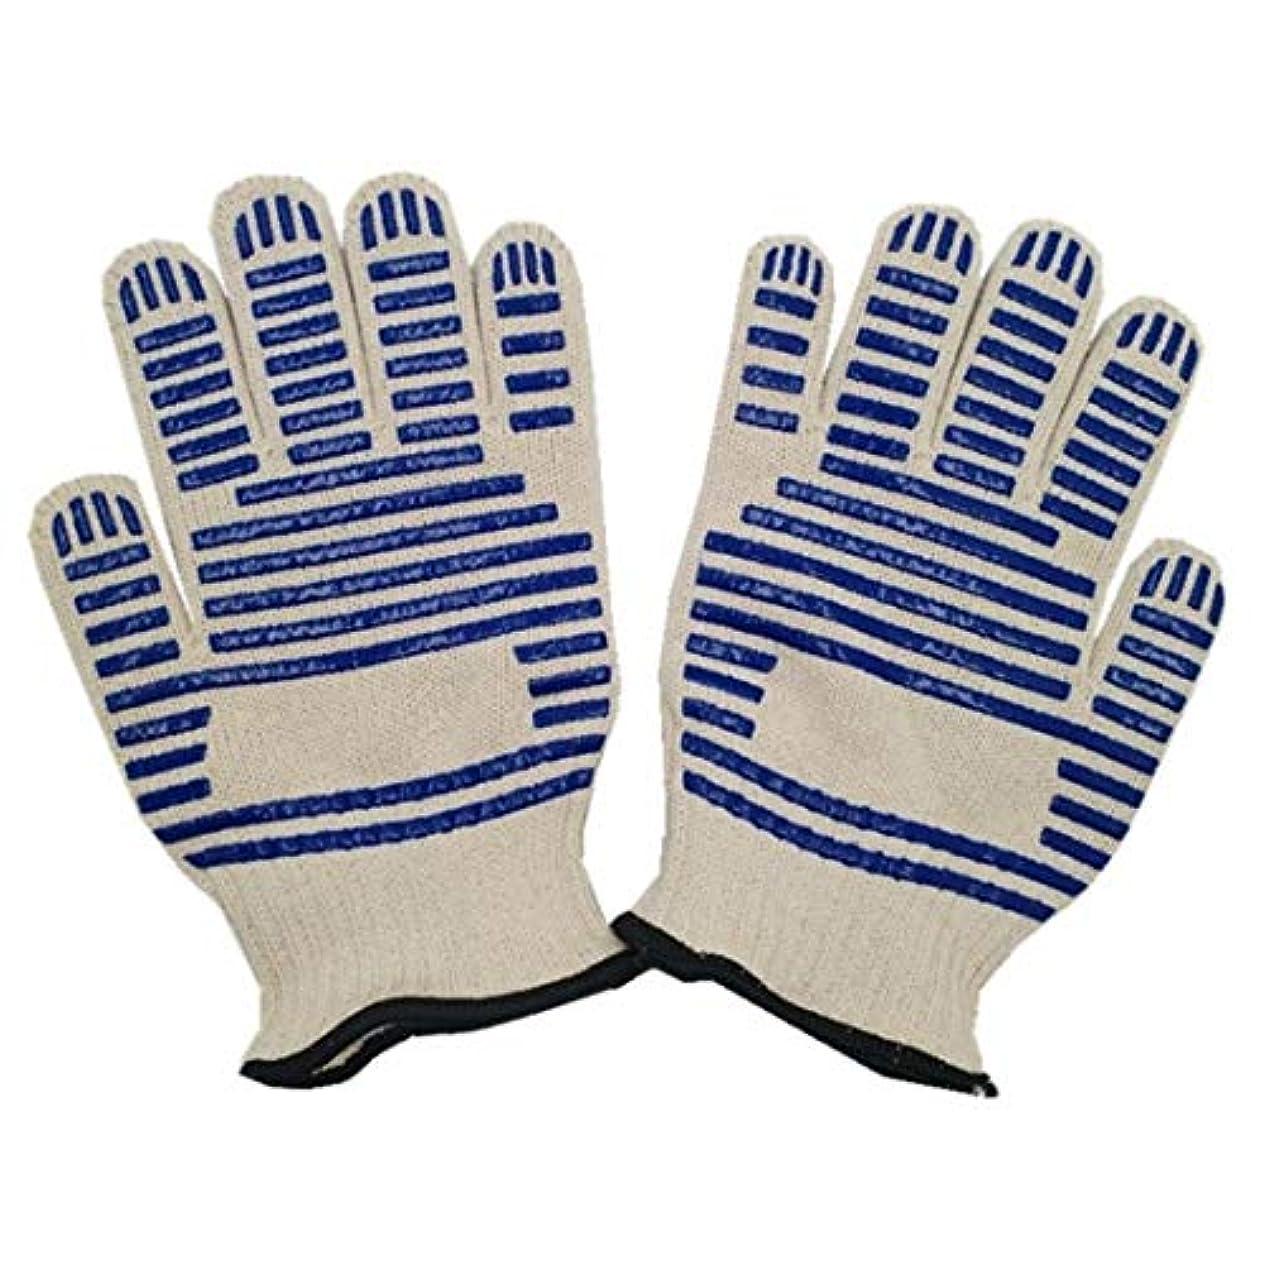 ディスクアナウンサーサイクルOWNFSKNL 高温耐熱手袋、屋外キャンプ用手袋、ポリエステル/綿手袋